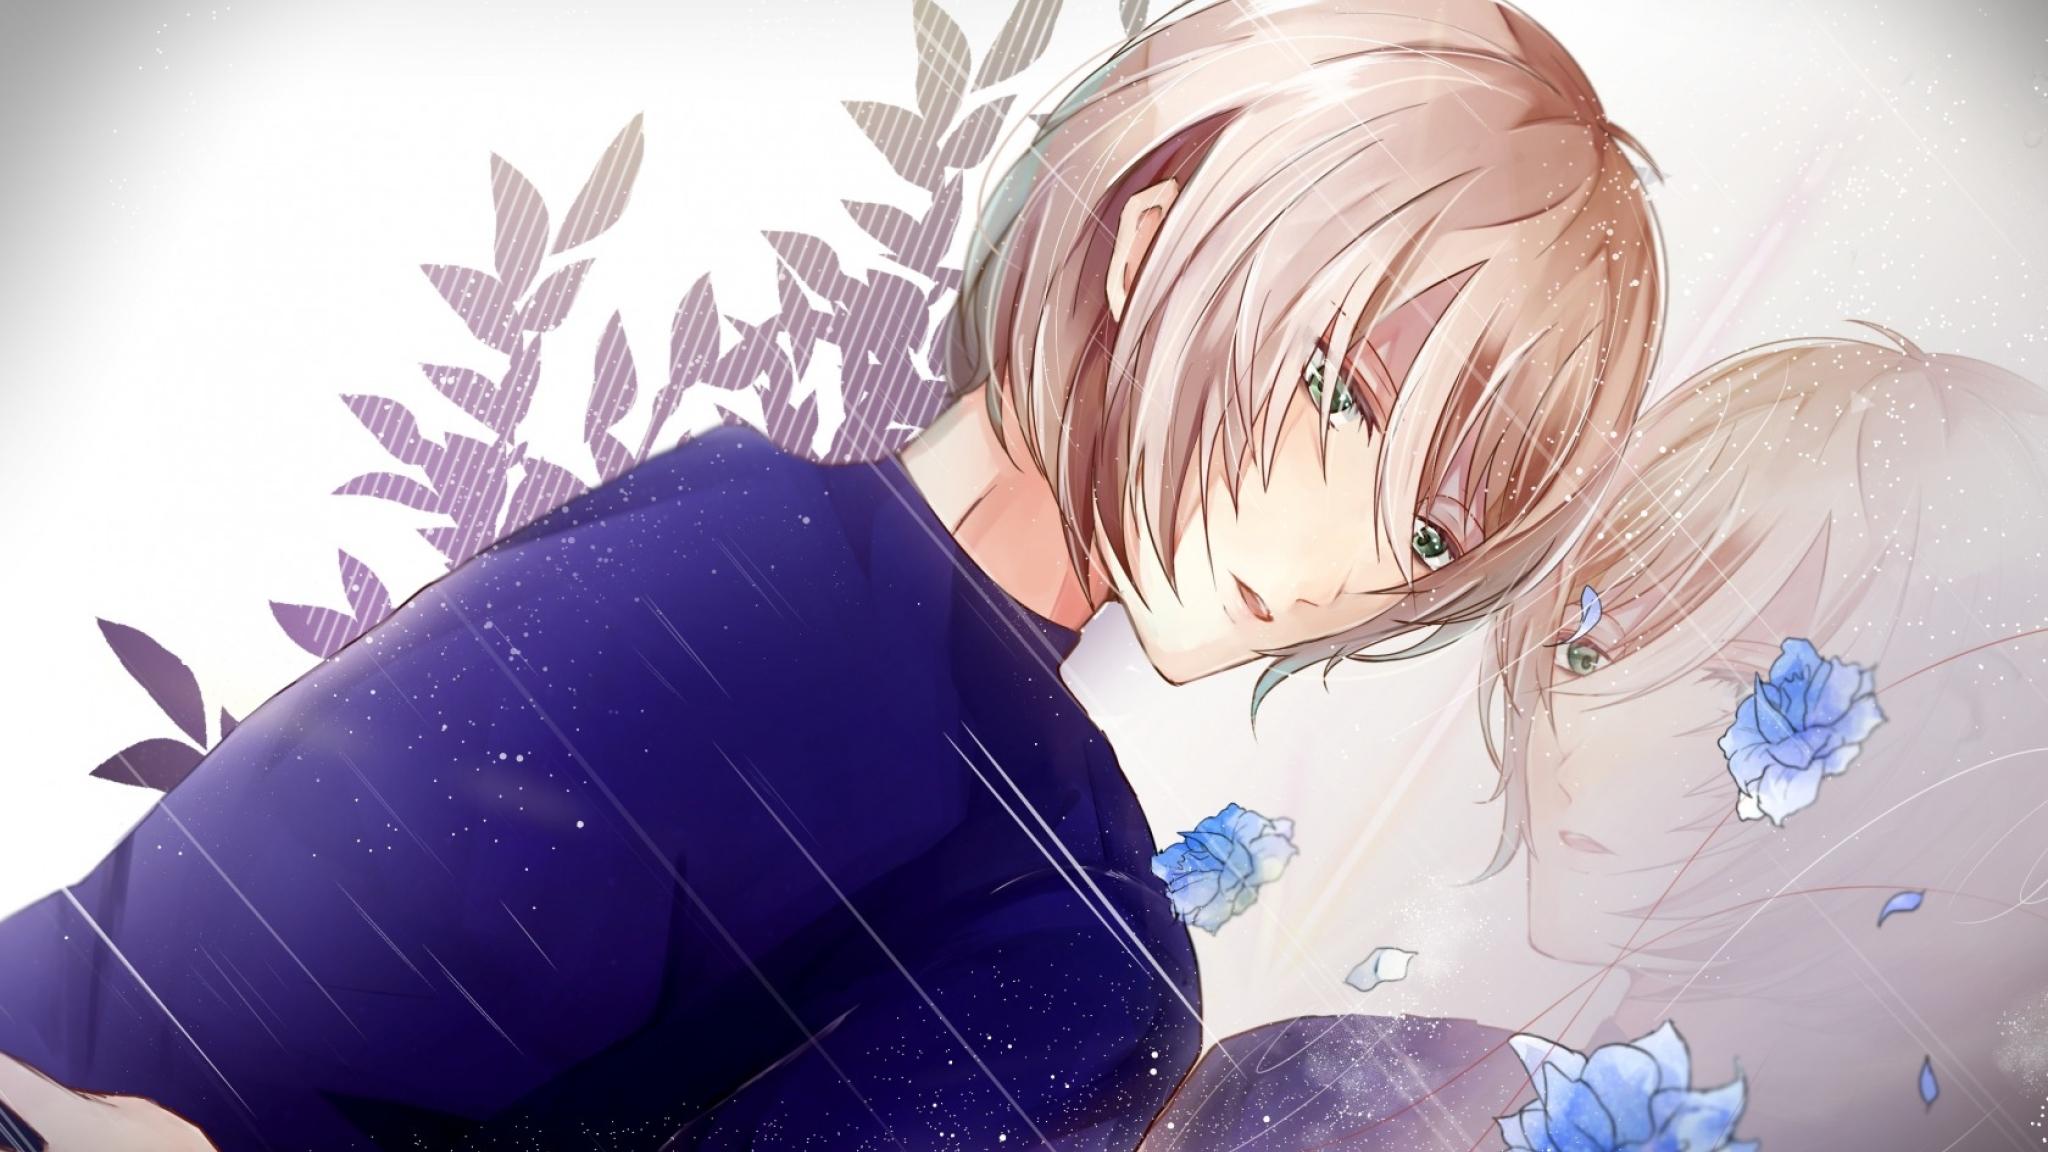 2048x1152 Yuri On Ice Yuri Plisetsky Art 2048x1152 Resolution